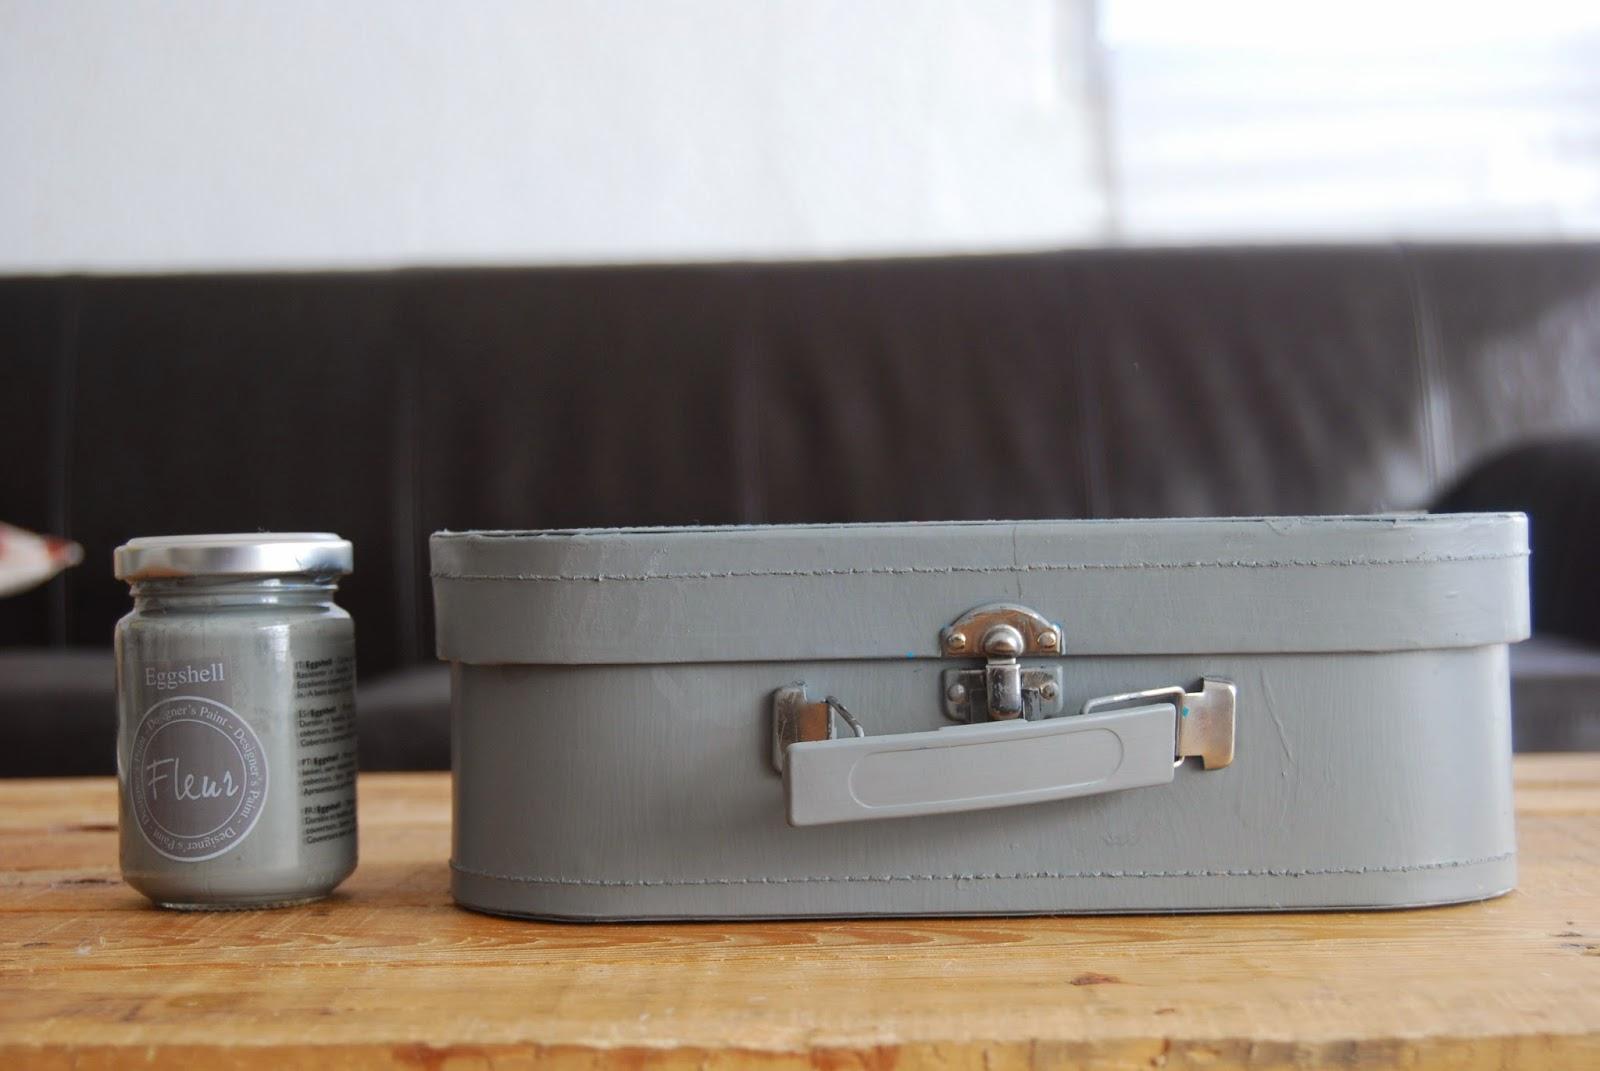 http://sosunnyblog.blogspot.com.es/2015/01/la-maleta-el-chalkpaint-y-los-angeles.html